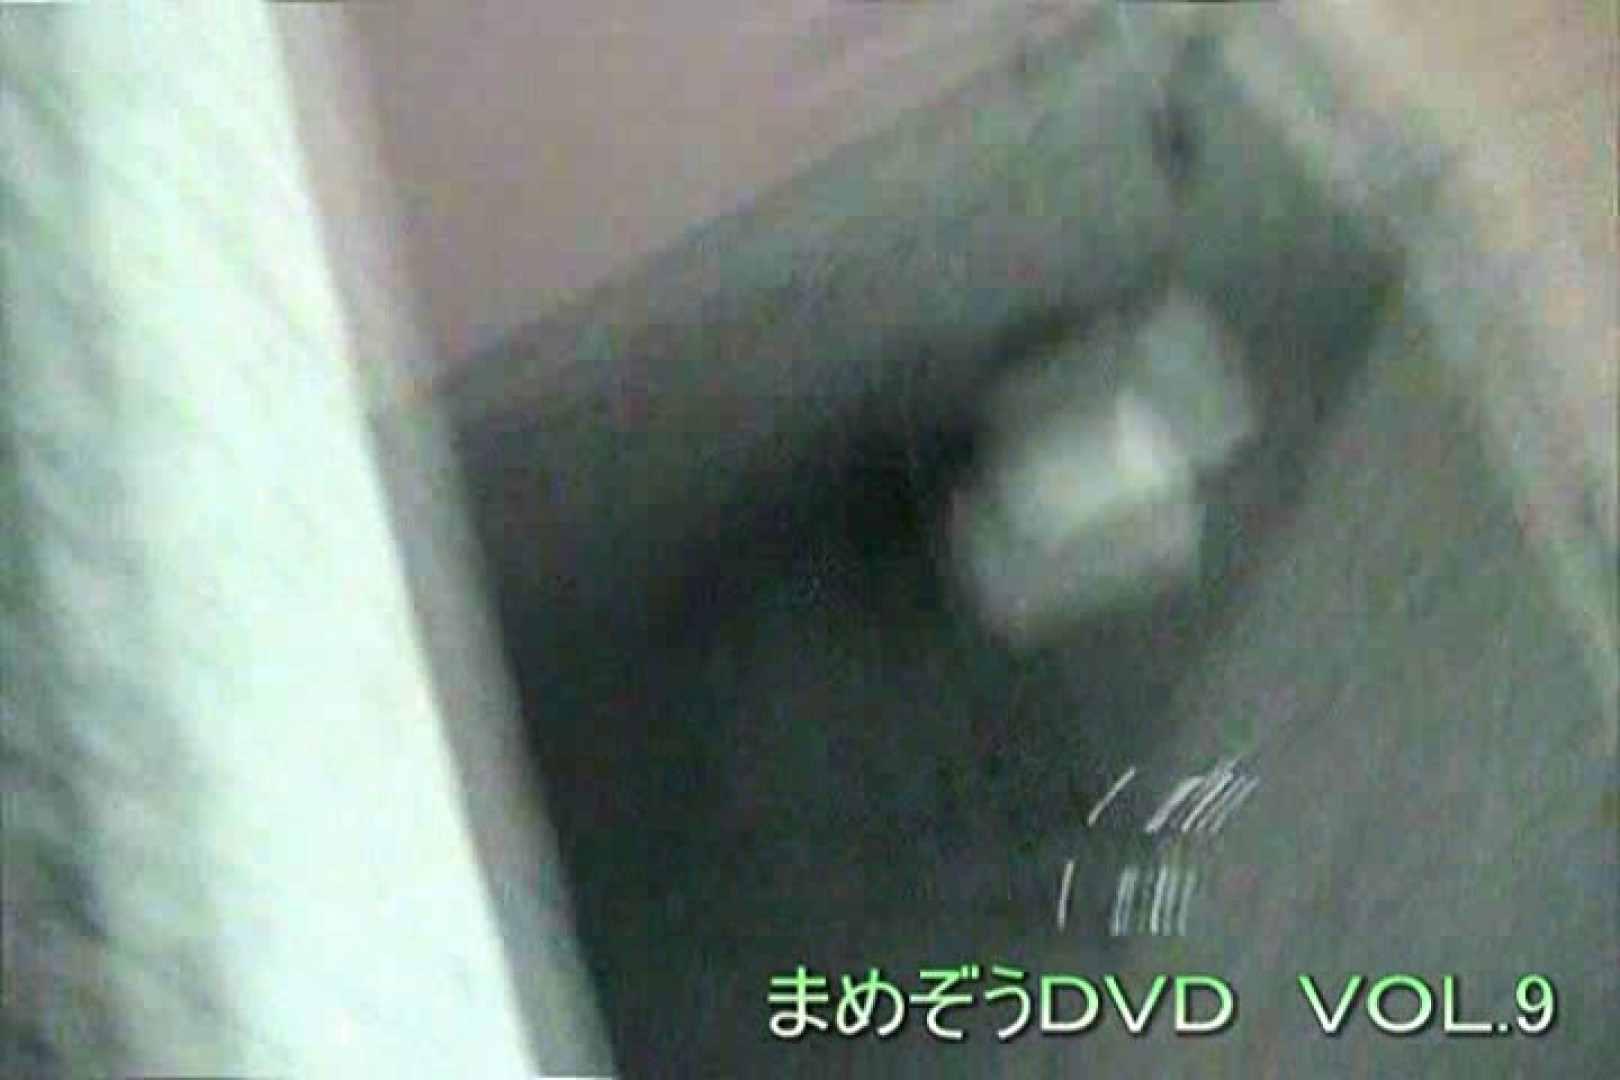 まめぞうDVD完全版VOL.9 ギャル攻め  55画像 54